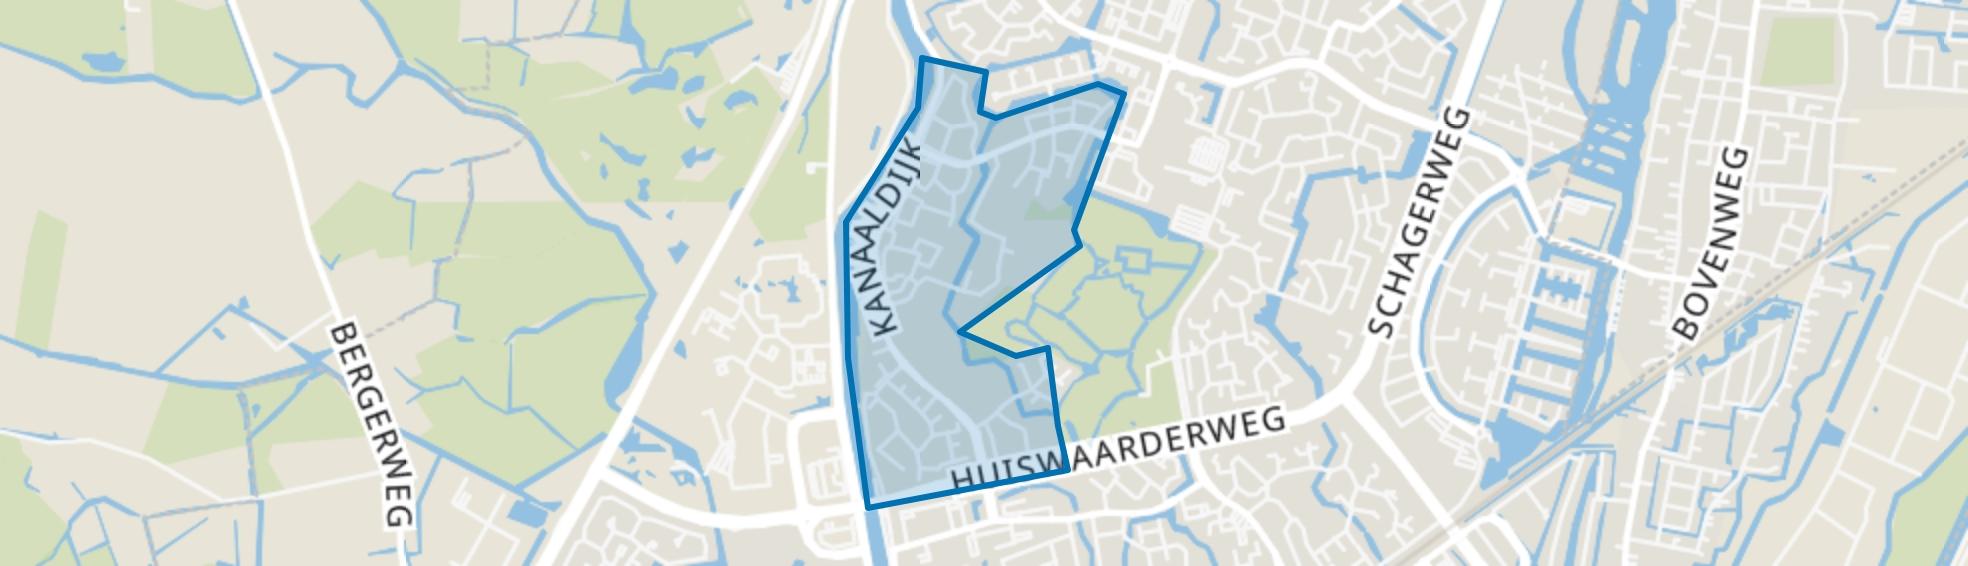 't Rak-Zuid, Alkmaar map